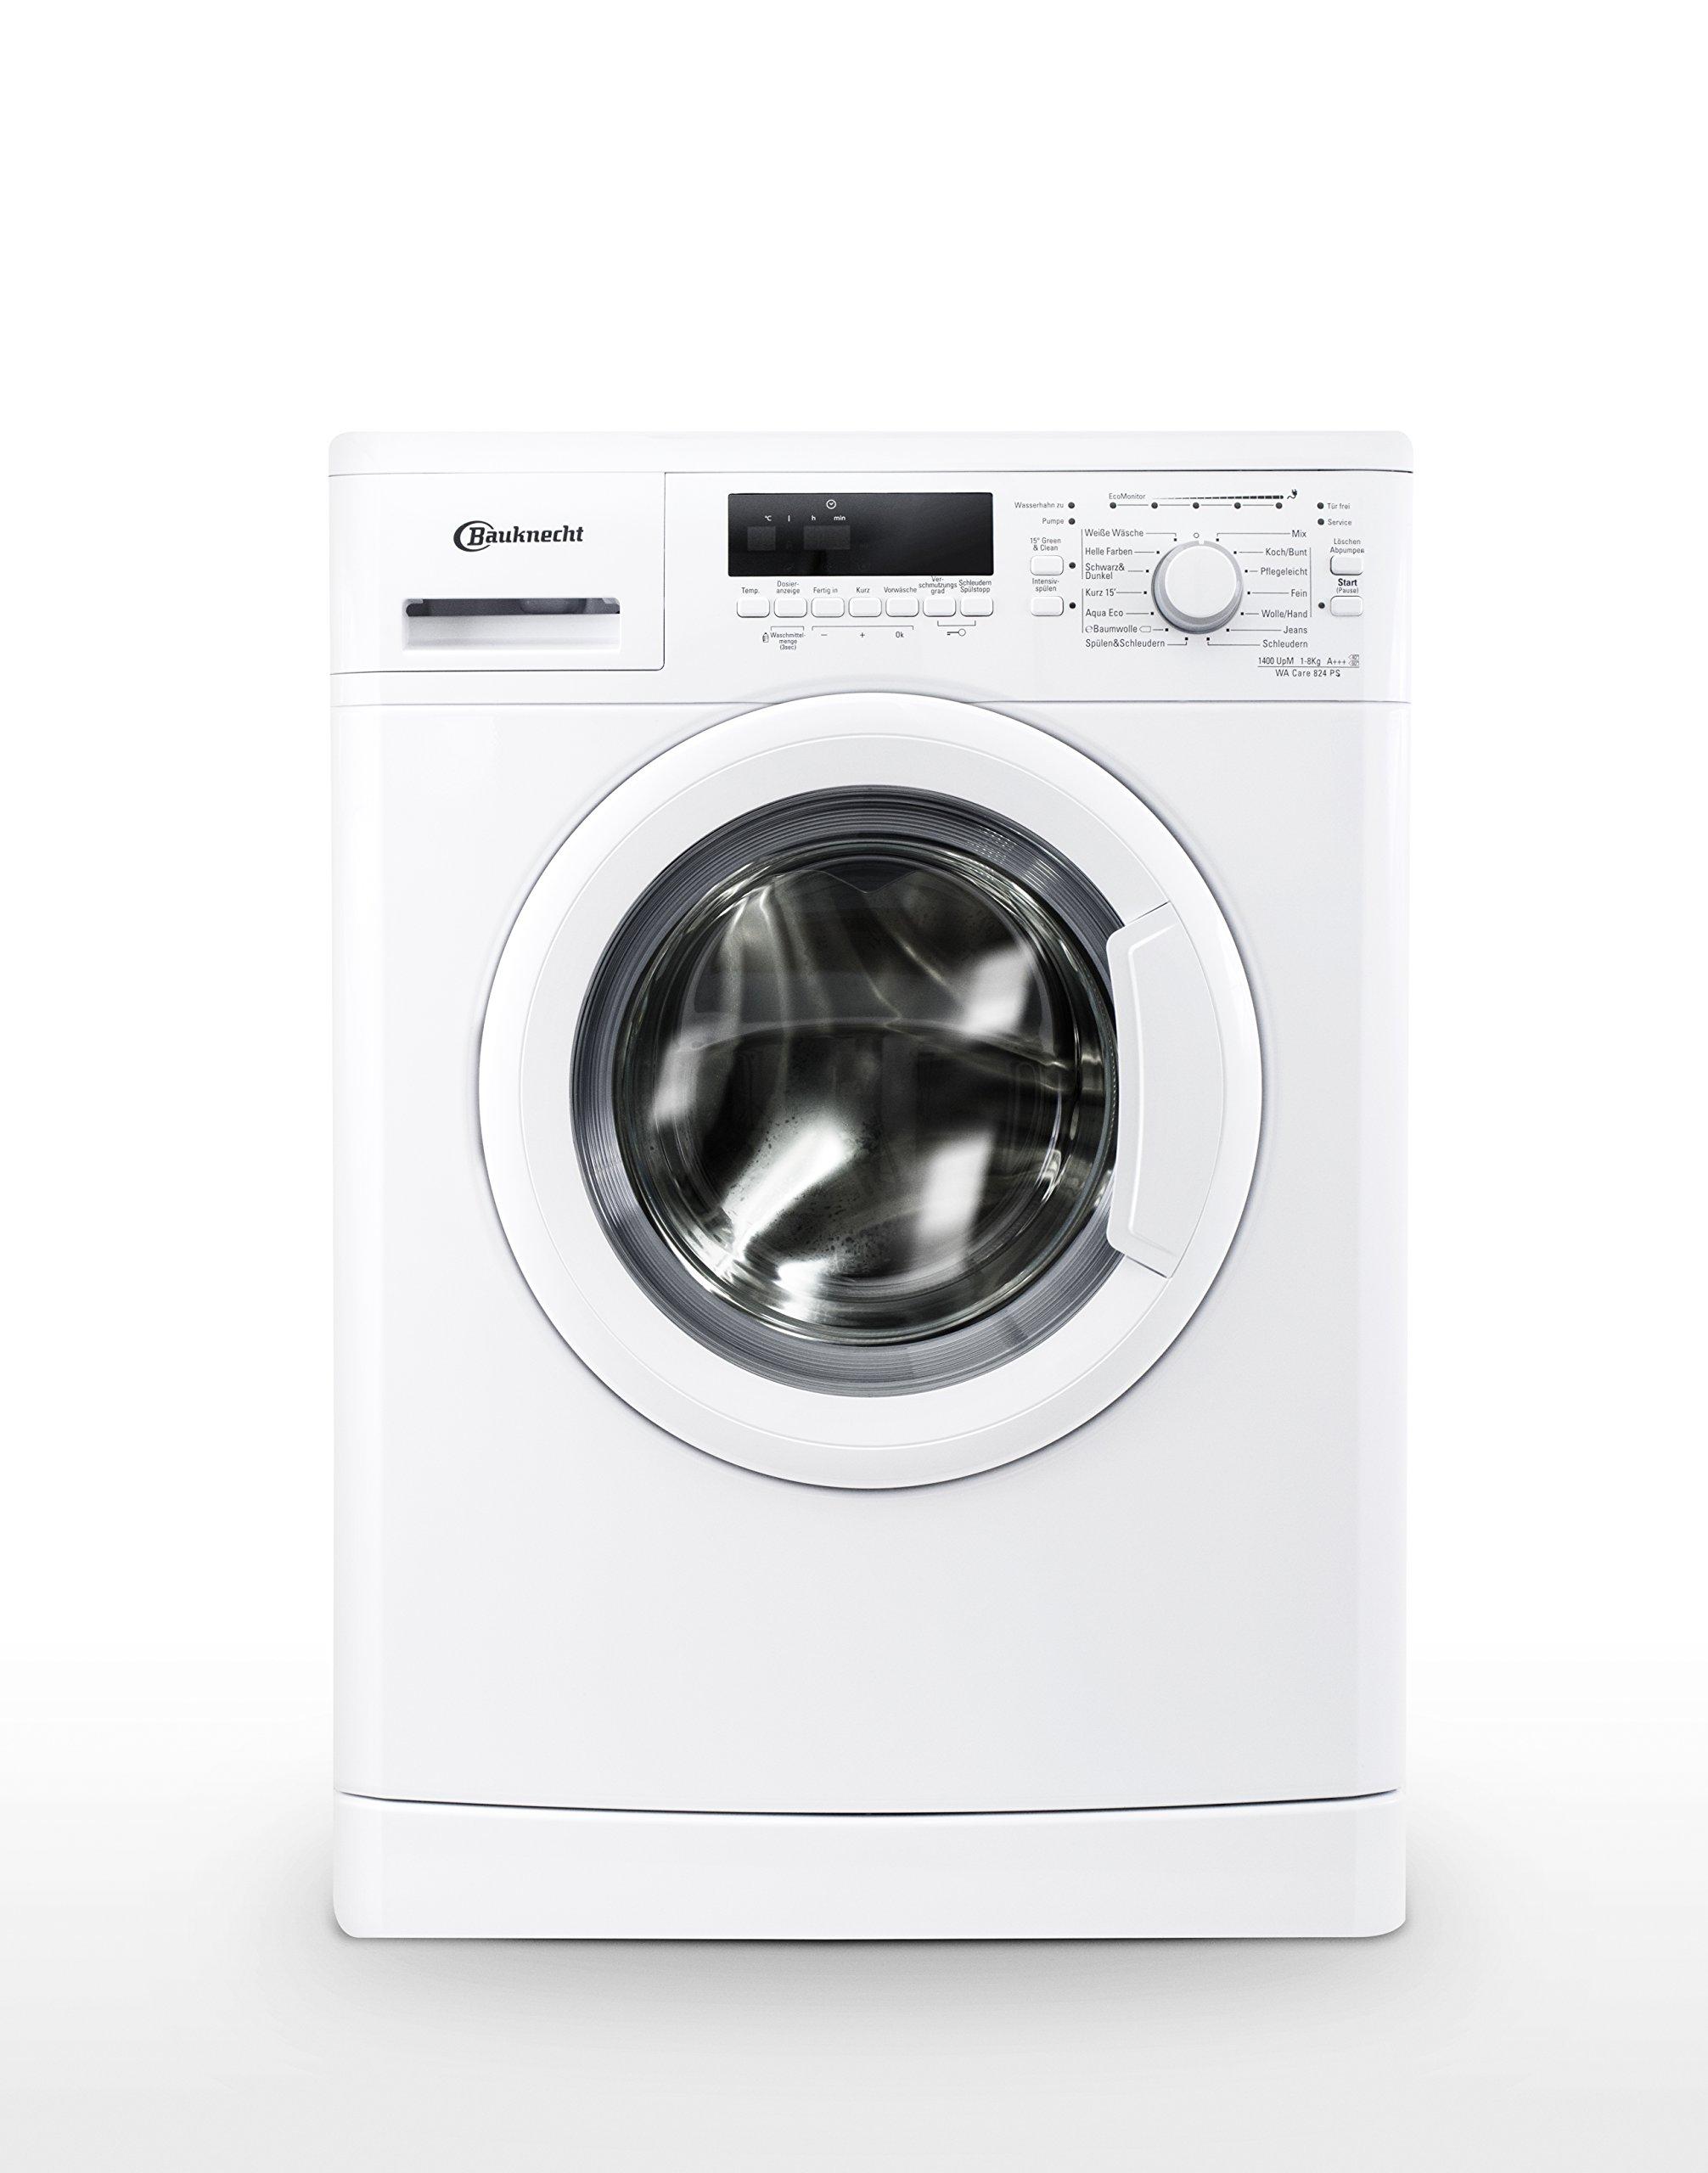 Bauknecht-WA-Care-824-PS-Waschmaschine-FLA-137-kWhJahr-1400-UpM-8-kgUnterbaufhigDosieranzeige-und-EcoMonitorwei